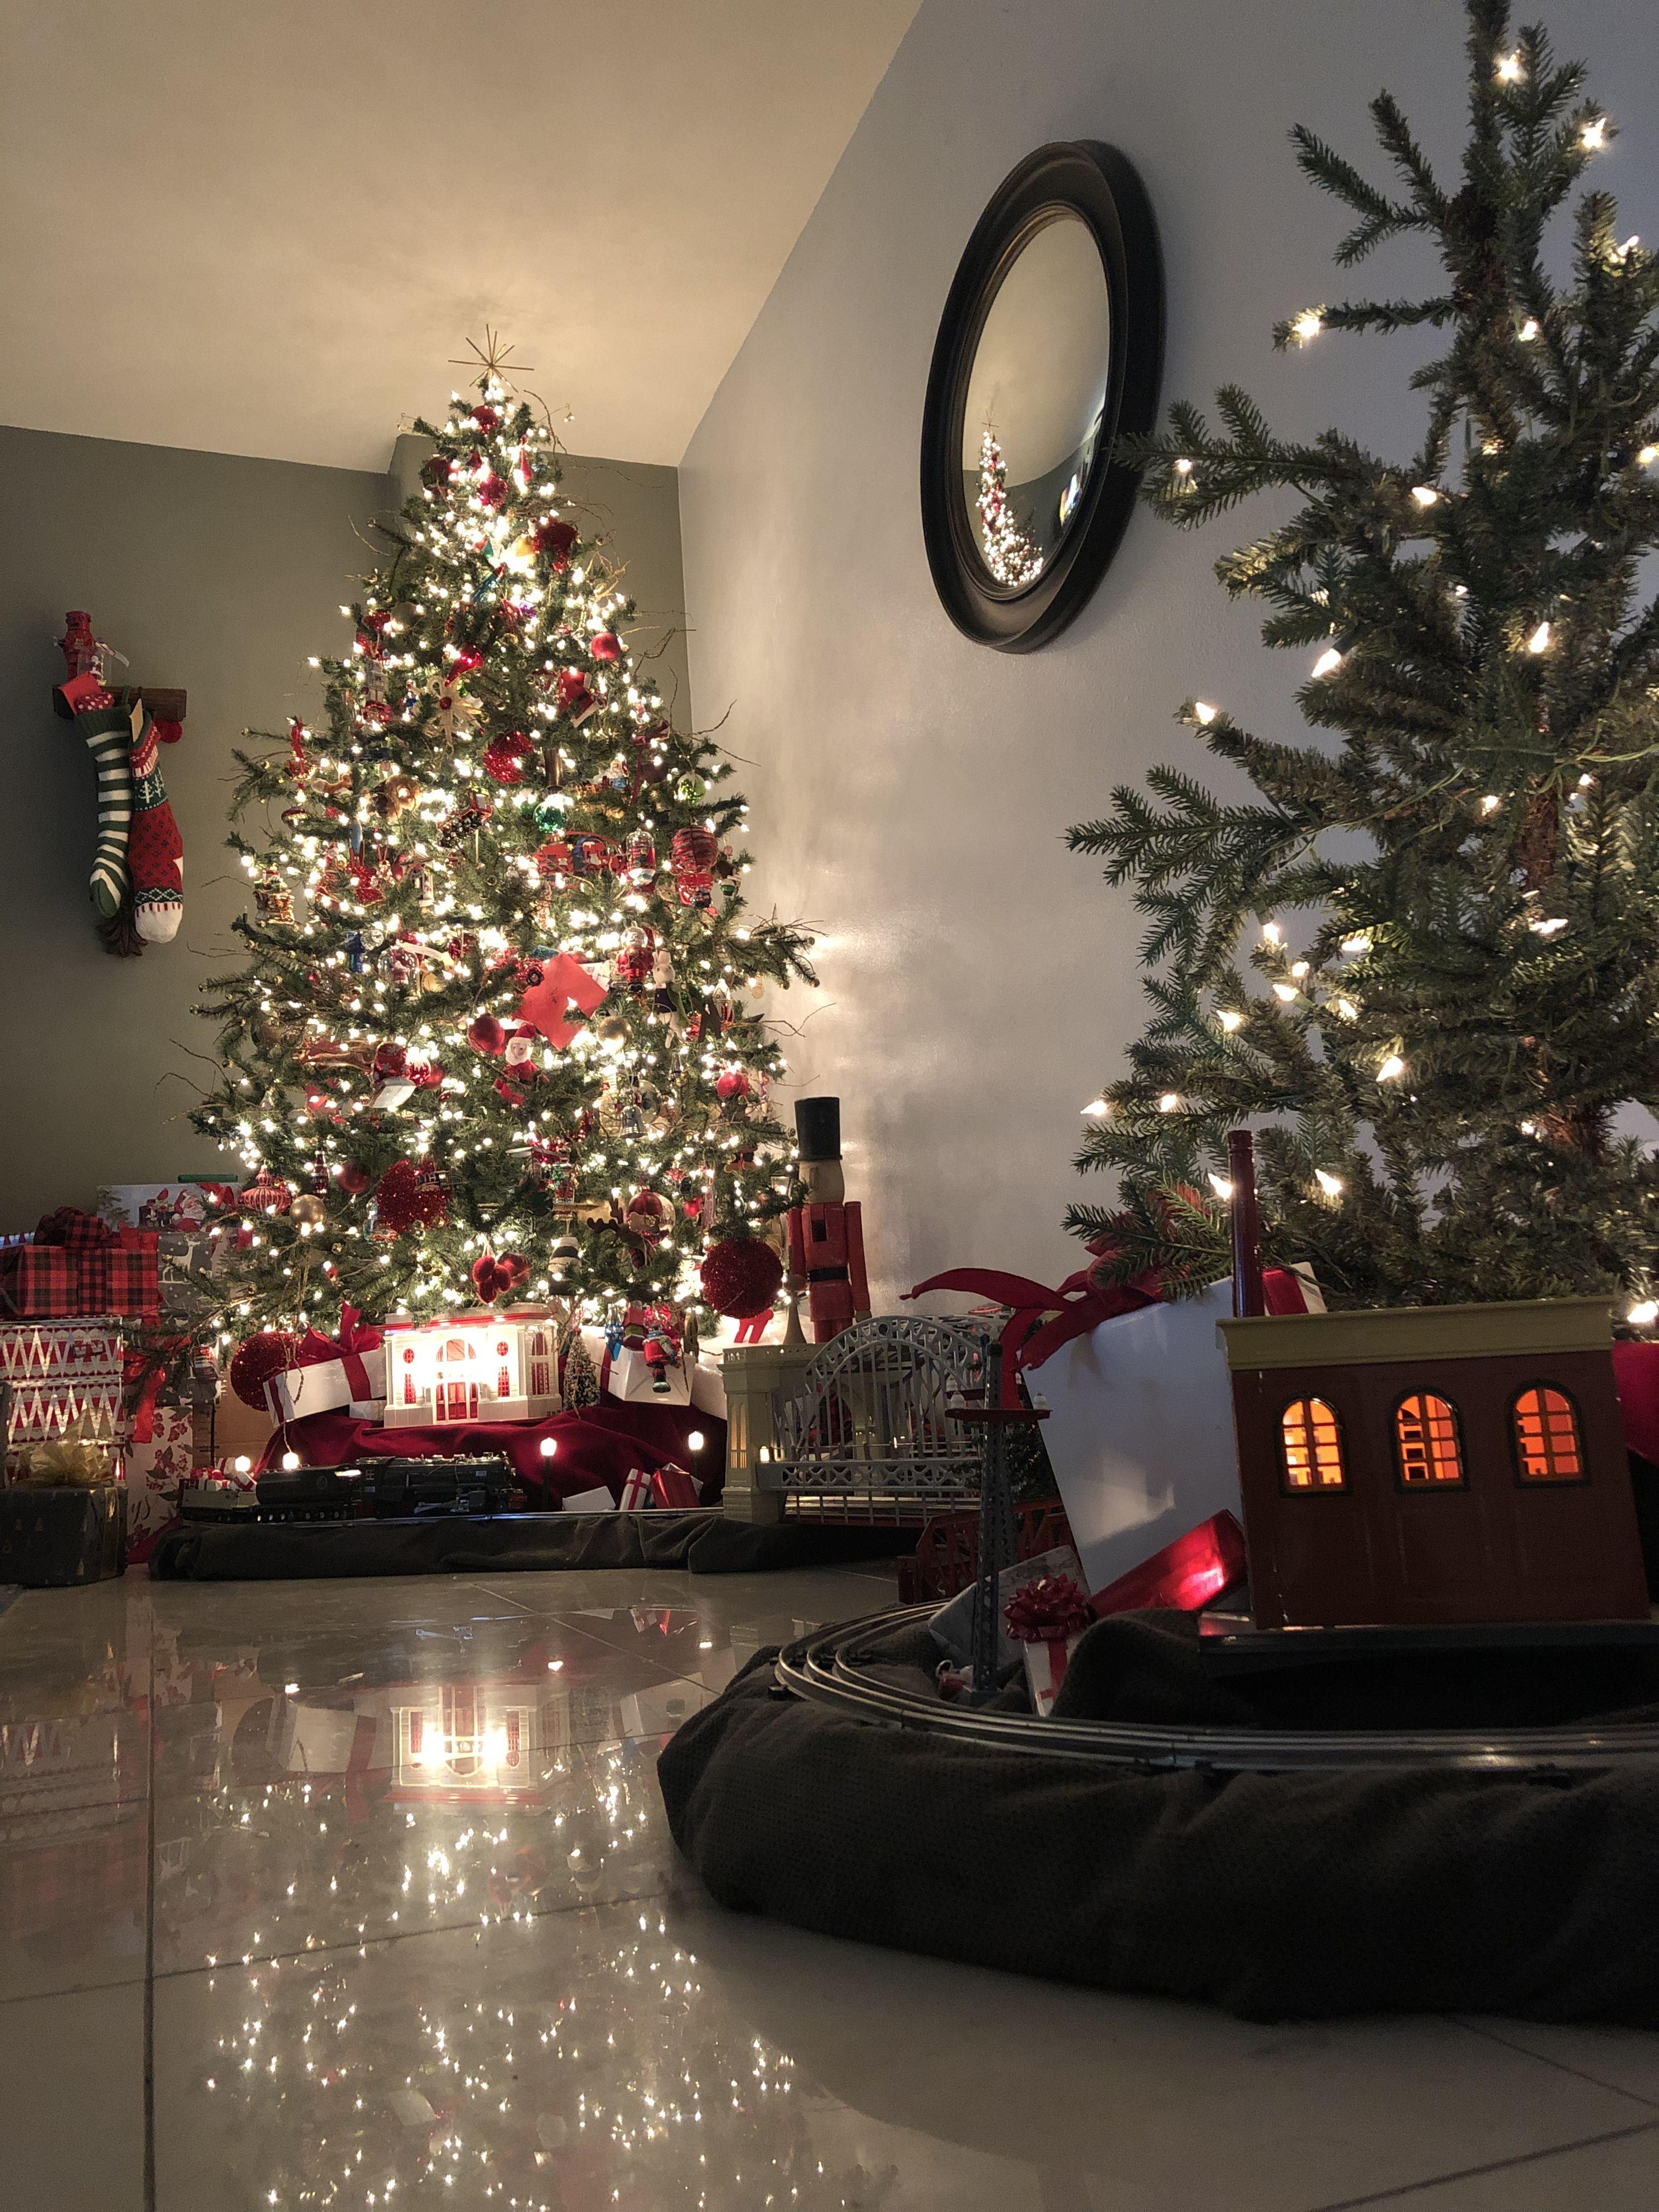 Pin By Christian Lentz On Christmas Holiday Decor Christmas Holiday